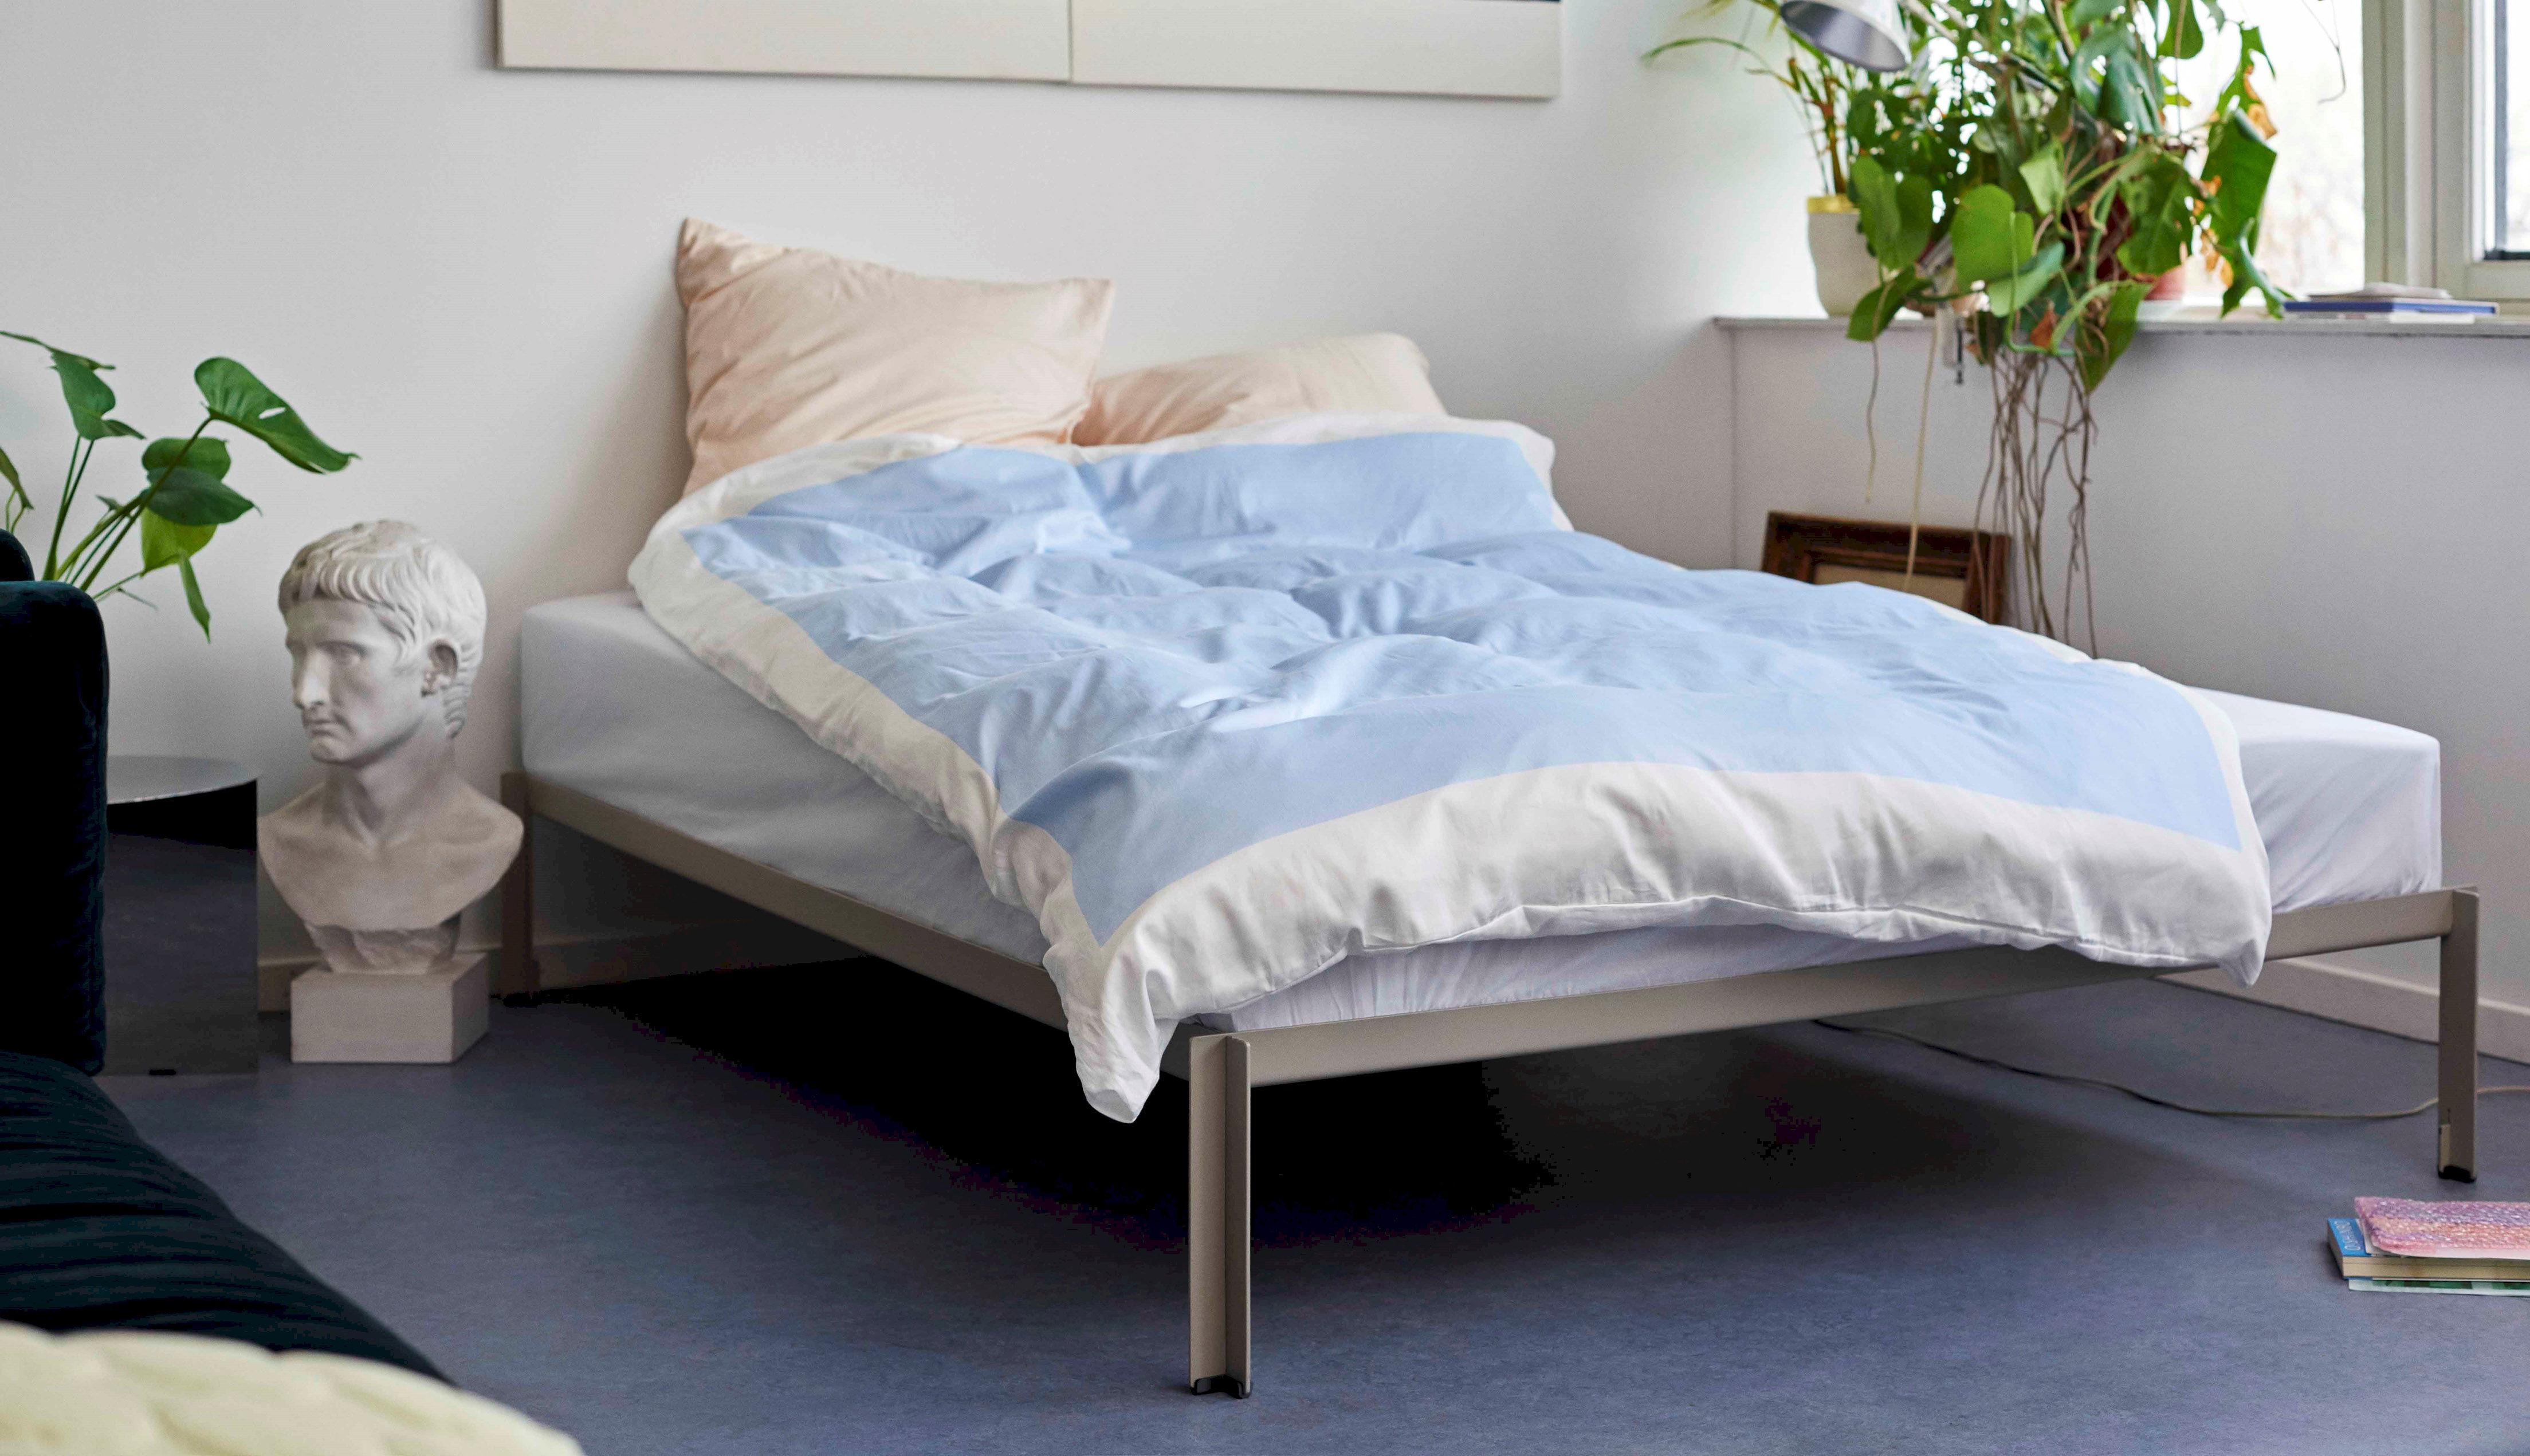 Möbel - Betten - Connect Bettkasten / Metall - 180 x 200 cm - Hay - 180 x 200 cm / weiß - Pulverbeschichteter Stahl